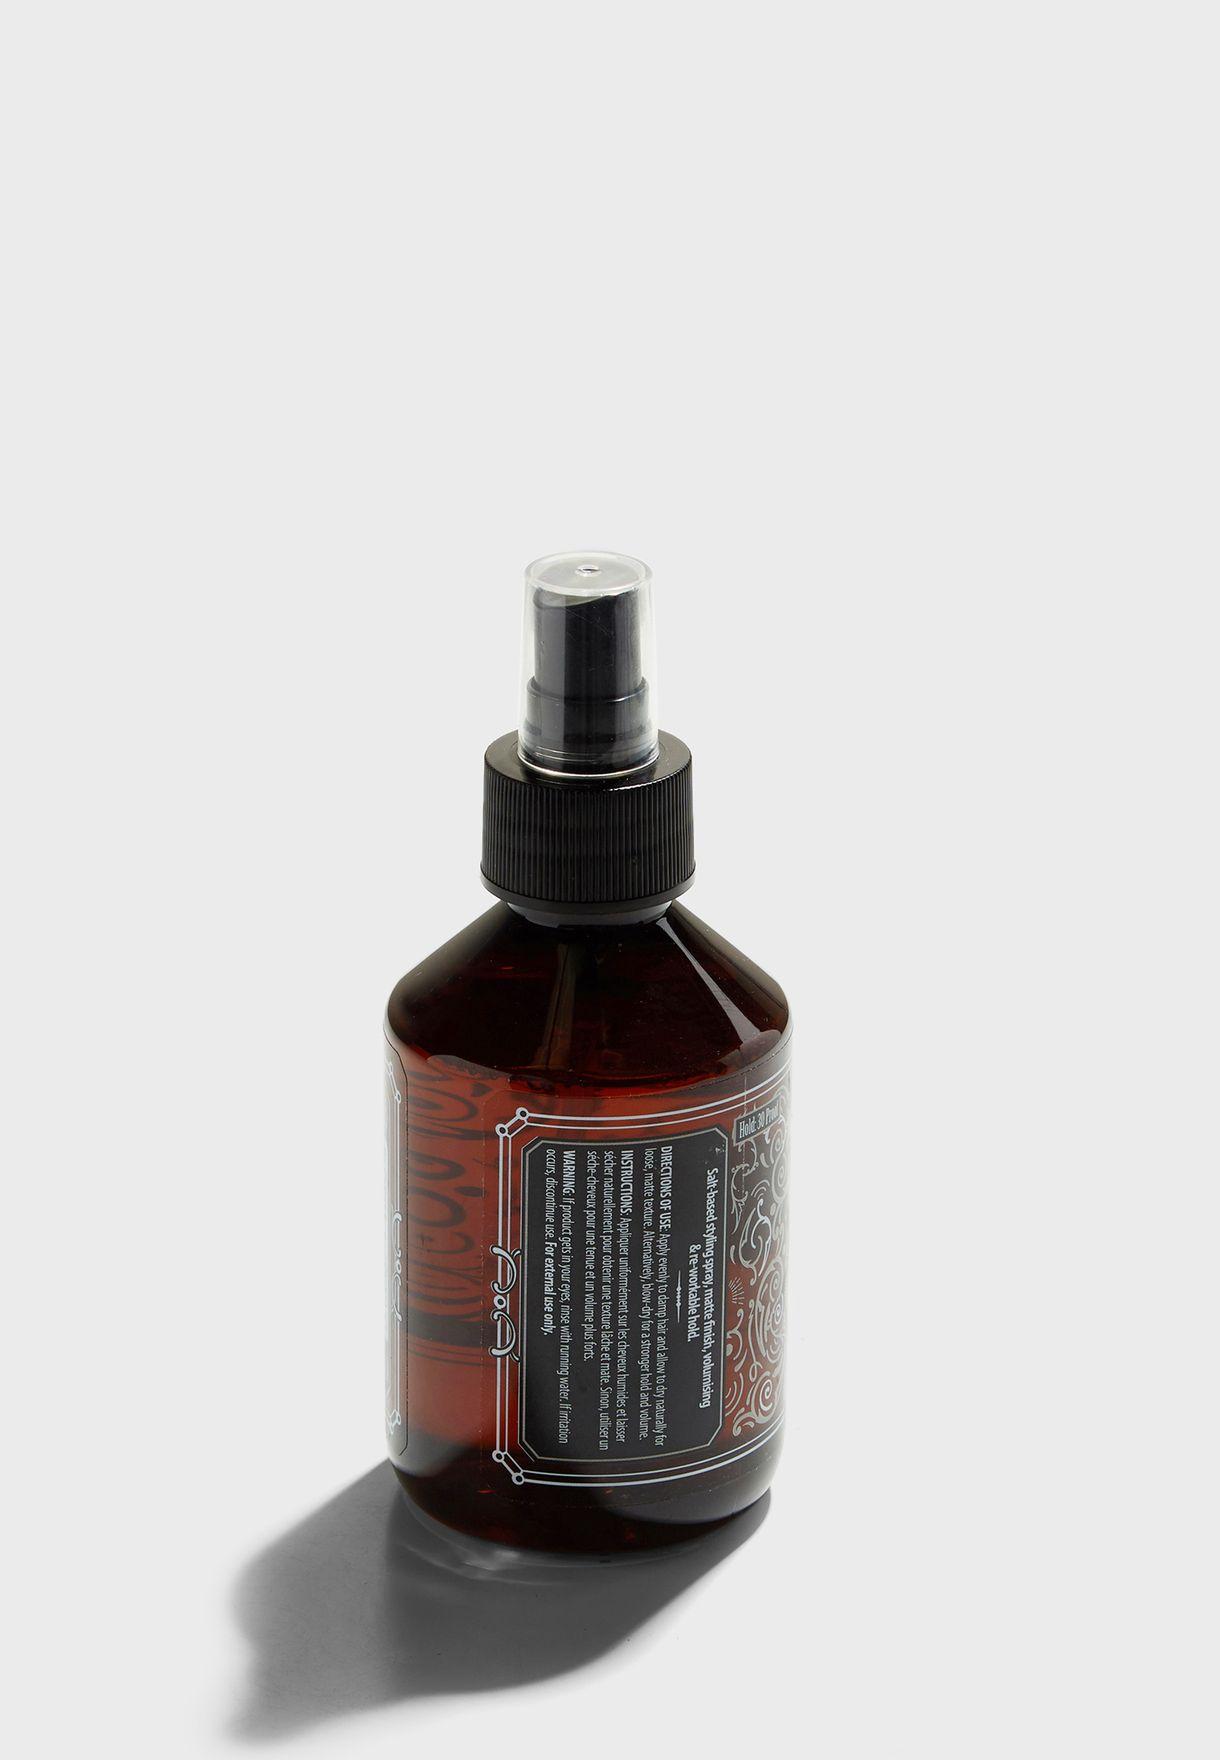 Salt Tonic - Texture Spray